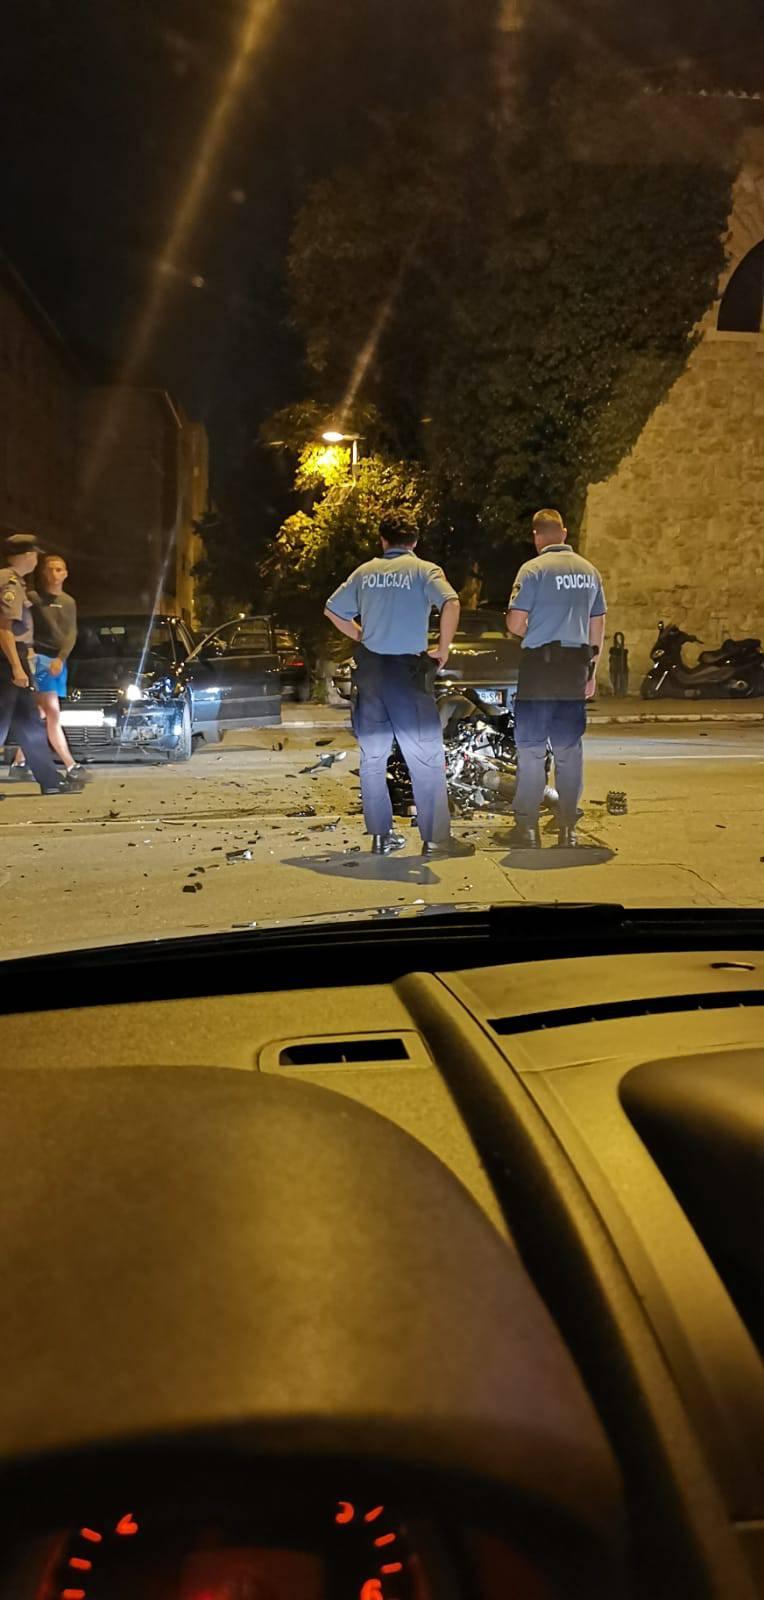 Nesreća u Splitu: Motociklist (18) je zadobio teže ozljede